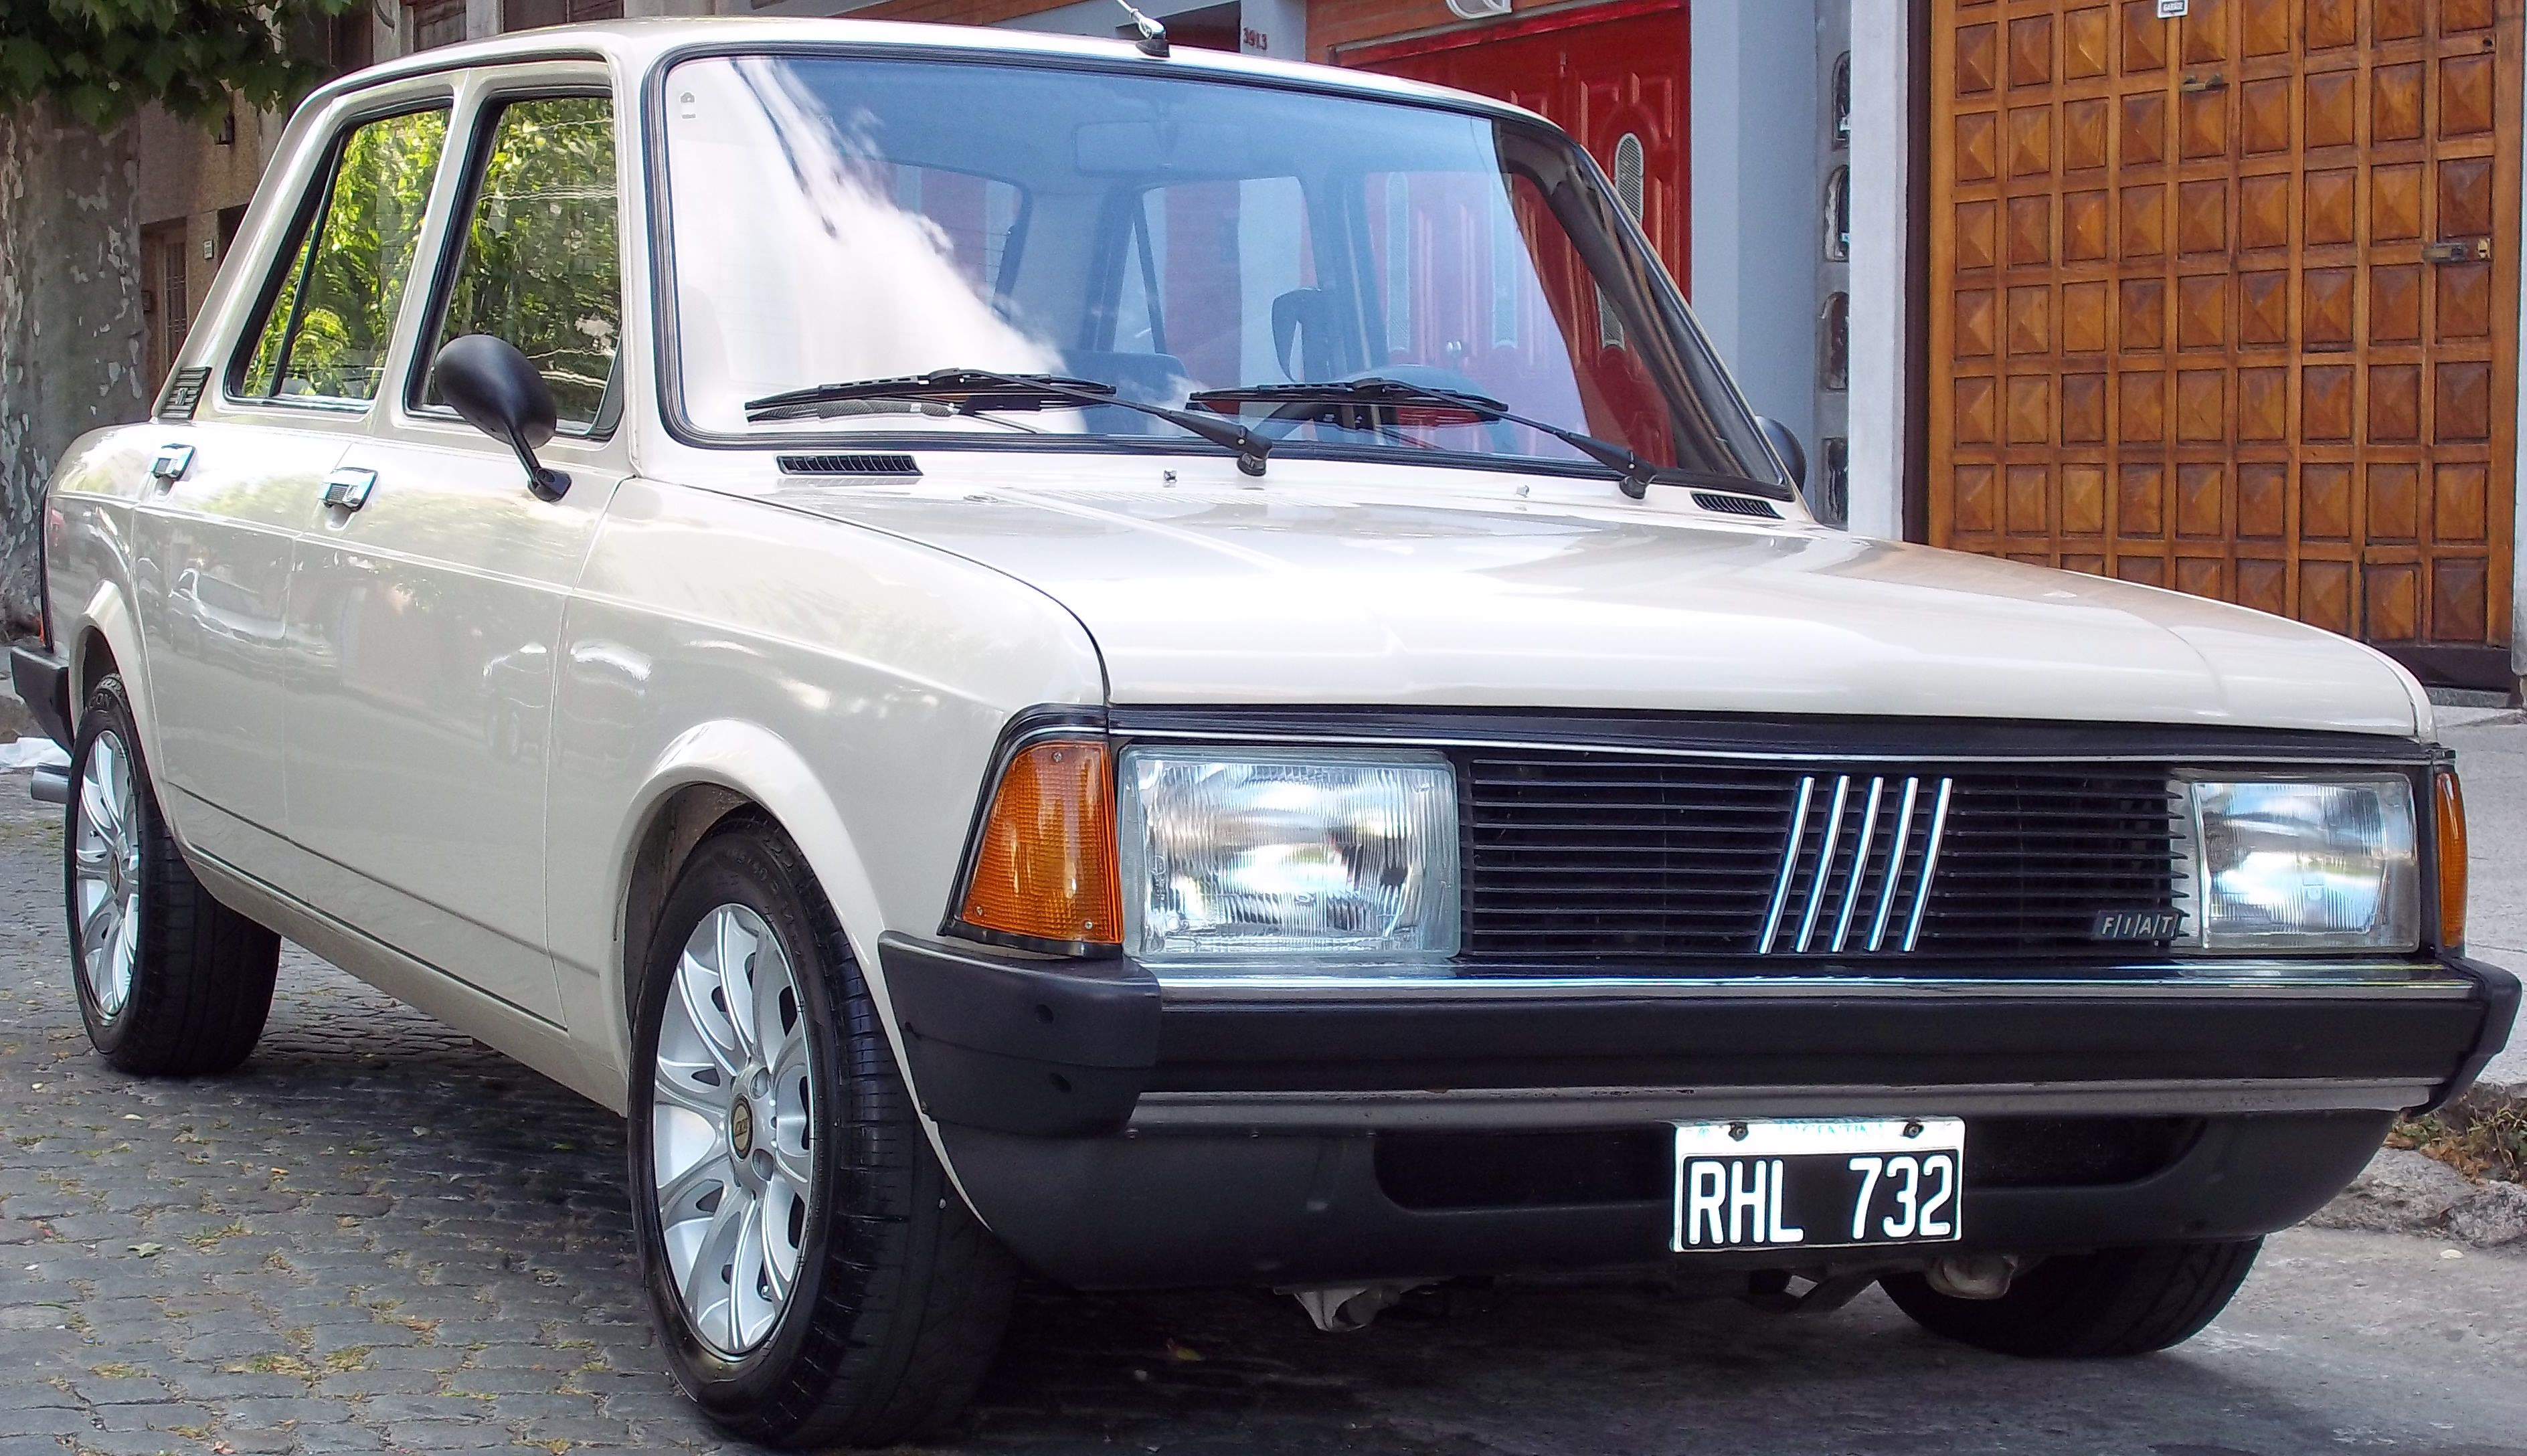 Fiat 128 Super Europa Cl 1 3 Http Www Arcar Org Fiat 128 Super